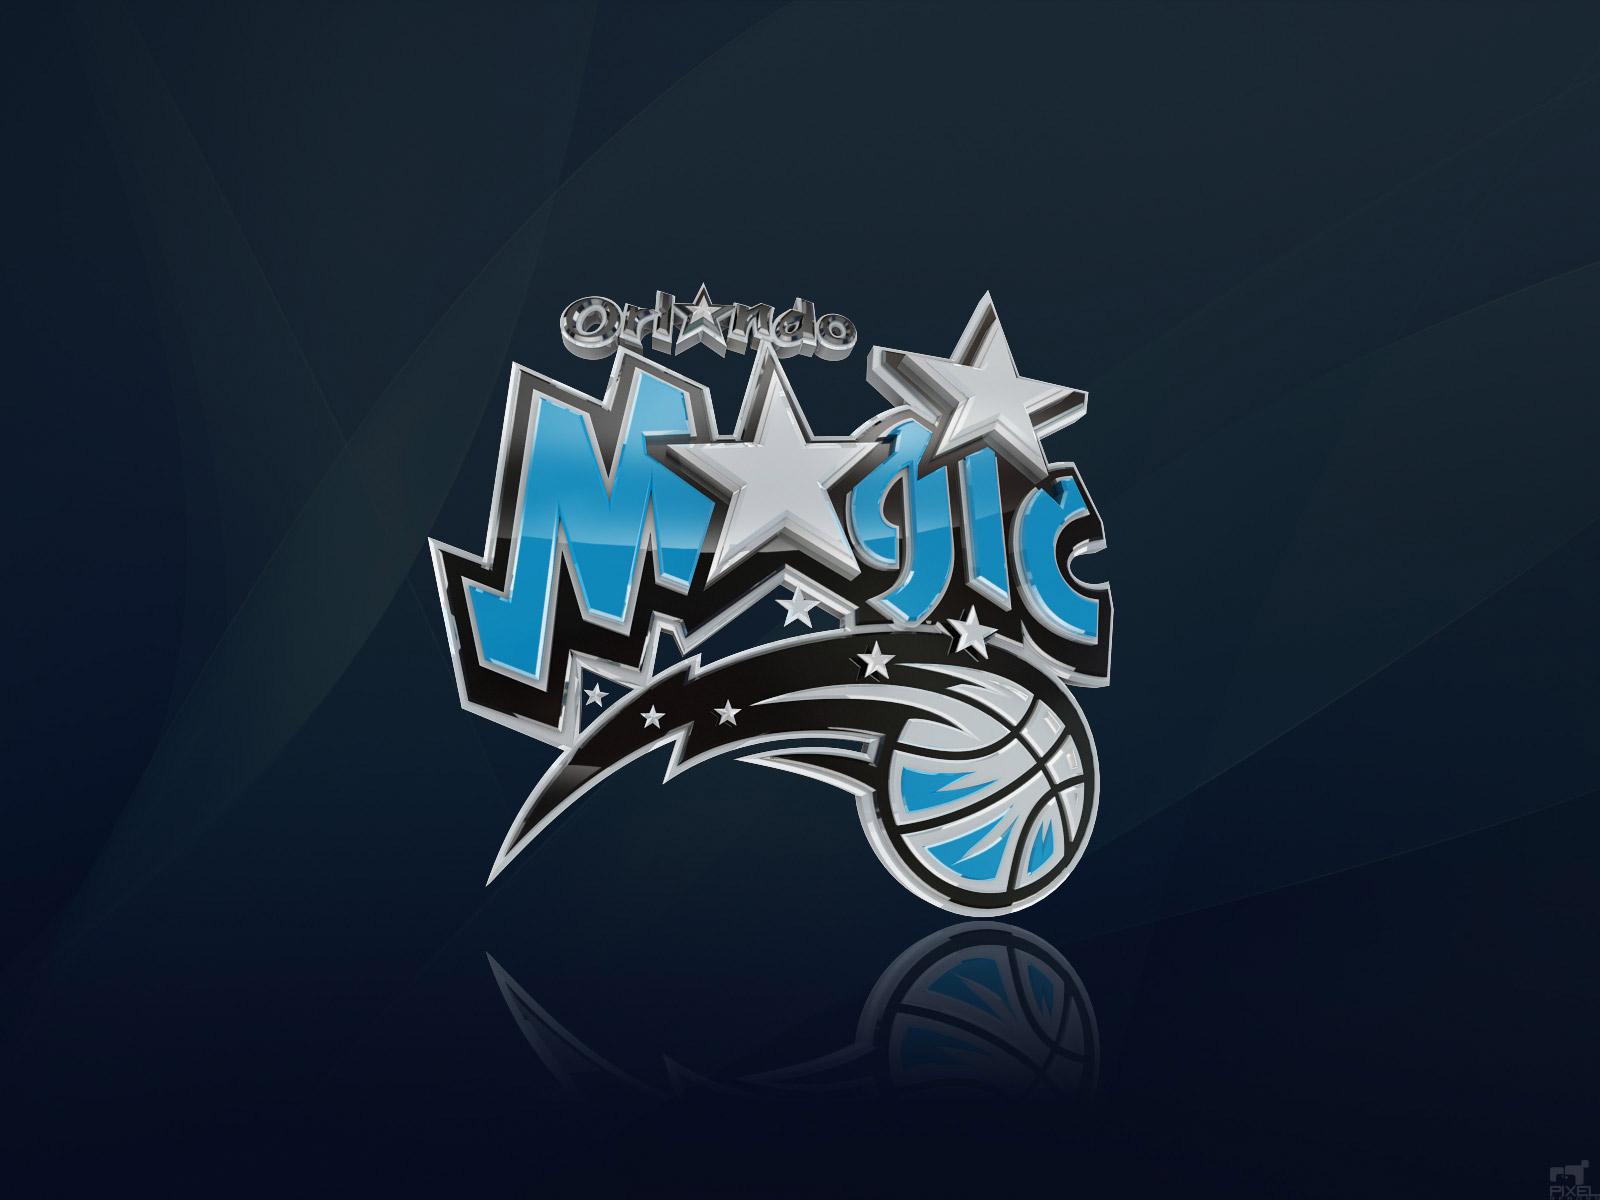 http://2.bp.blogspot.com/_dulaBZmLhNU/TQ0GjDlcclI/AAAAAAAAACk/NQUASZEvpsw/s1600/NBA_orlando_magic_1.jpg